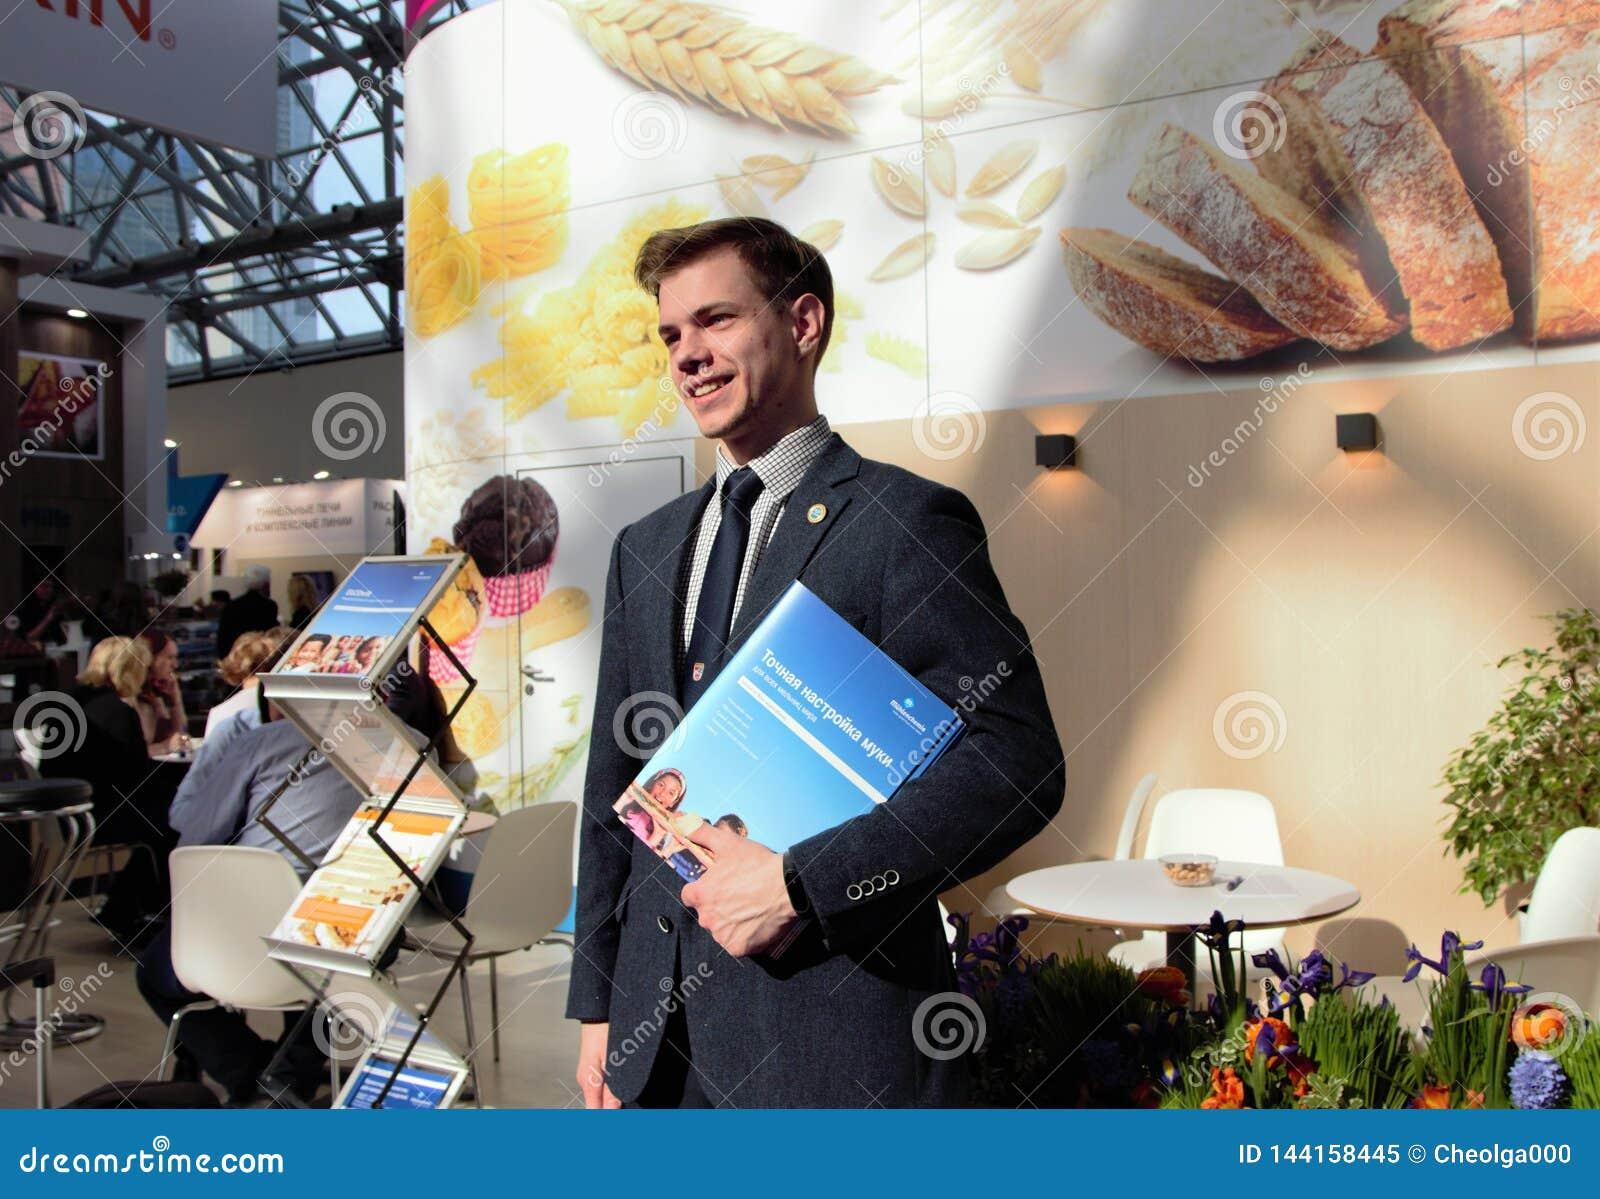 03 14 2019 Россия, Москва усмехаясь человек, в деловом костюме, стоит на фоне стойки информации с